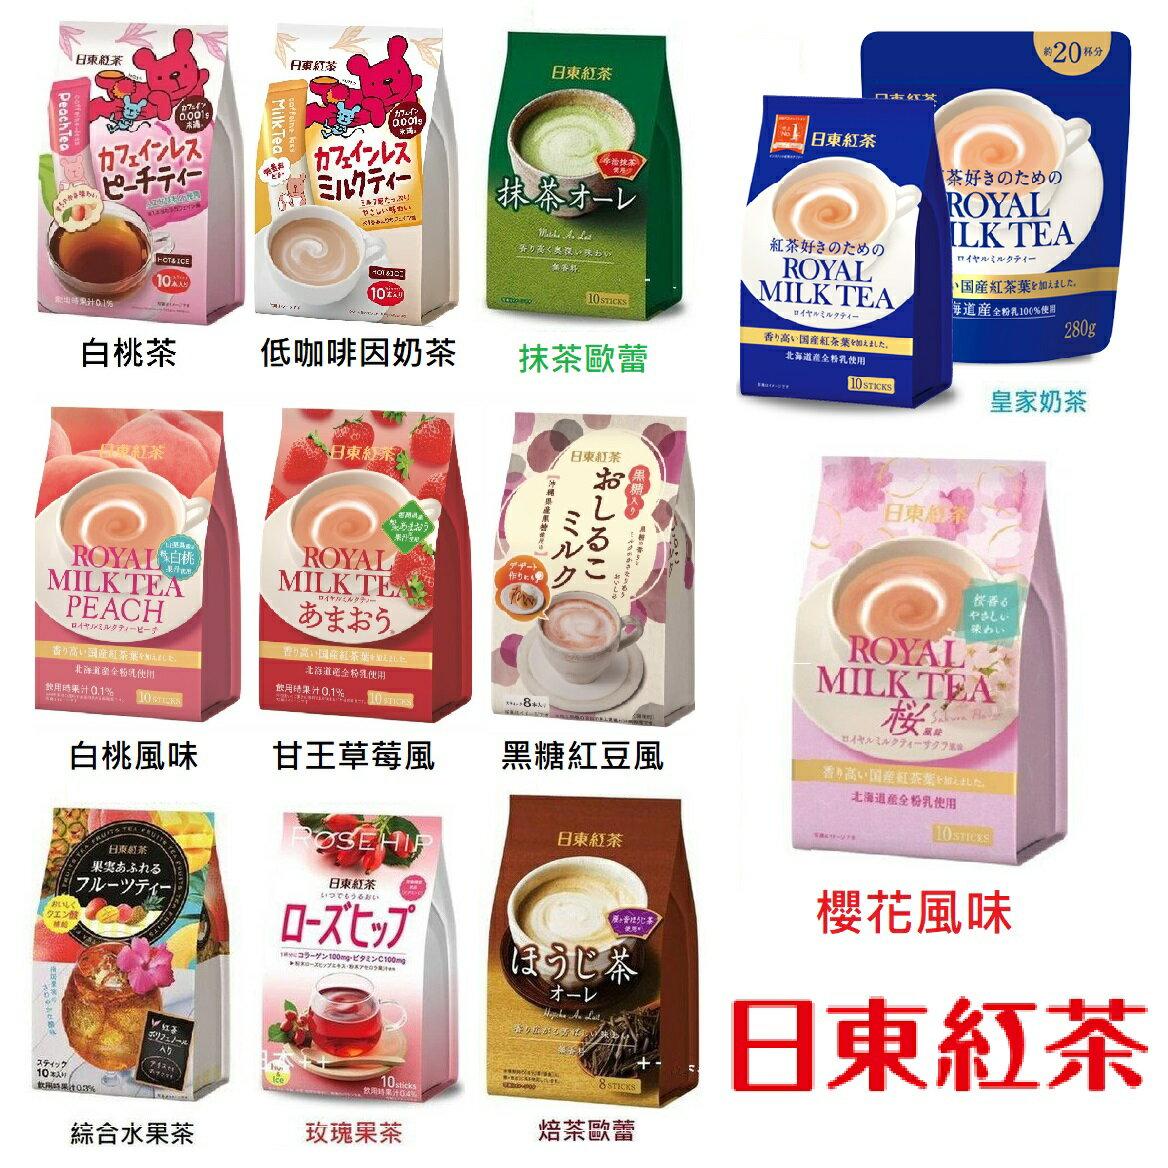 【江戶物語】日東紅茶 蜂蜜梅子茶 白桃拿鐵 黑糖紅豆牛奶 草莓拿鐵 櫻花風味 皇家奶茶 抹茶歐蕾 焙茶歐蕾 日本進口